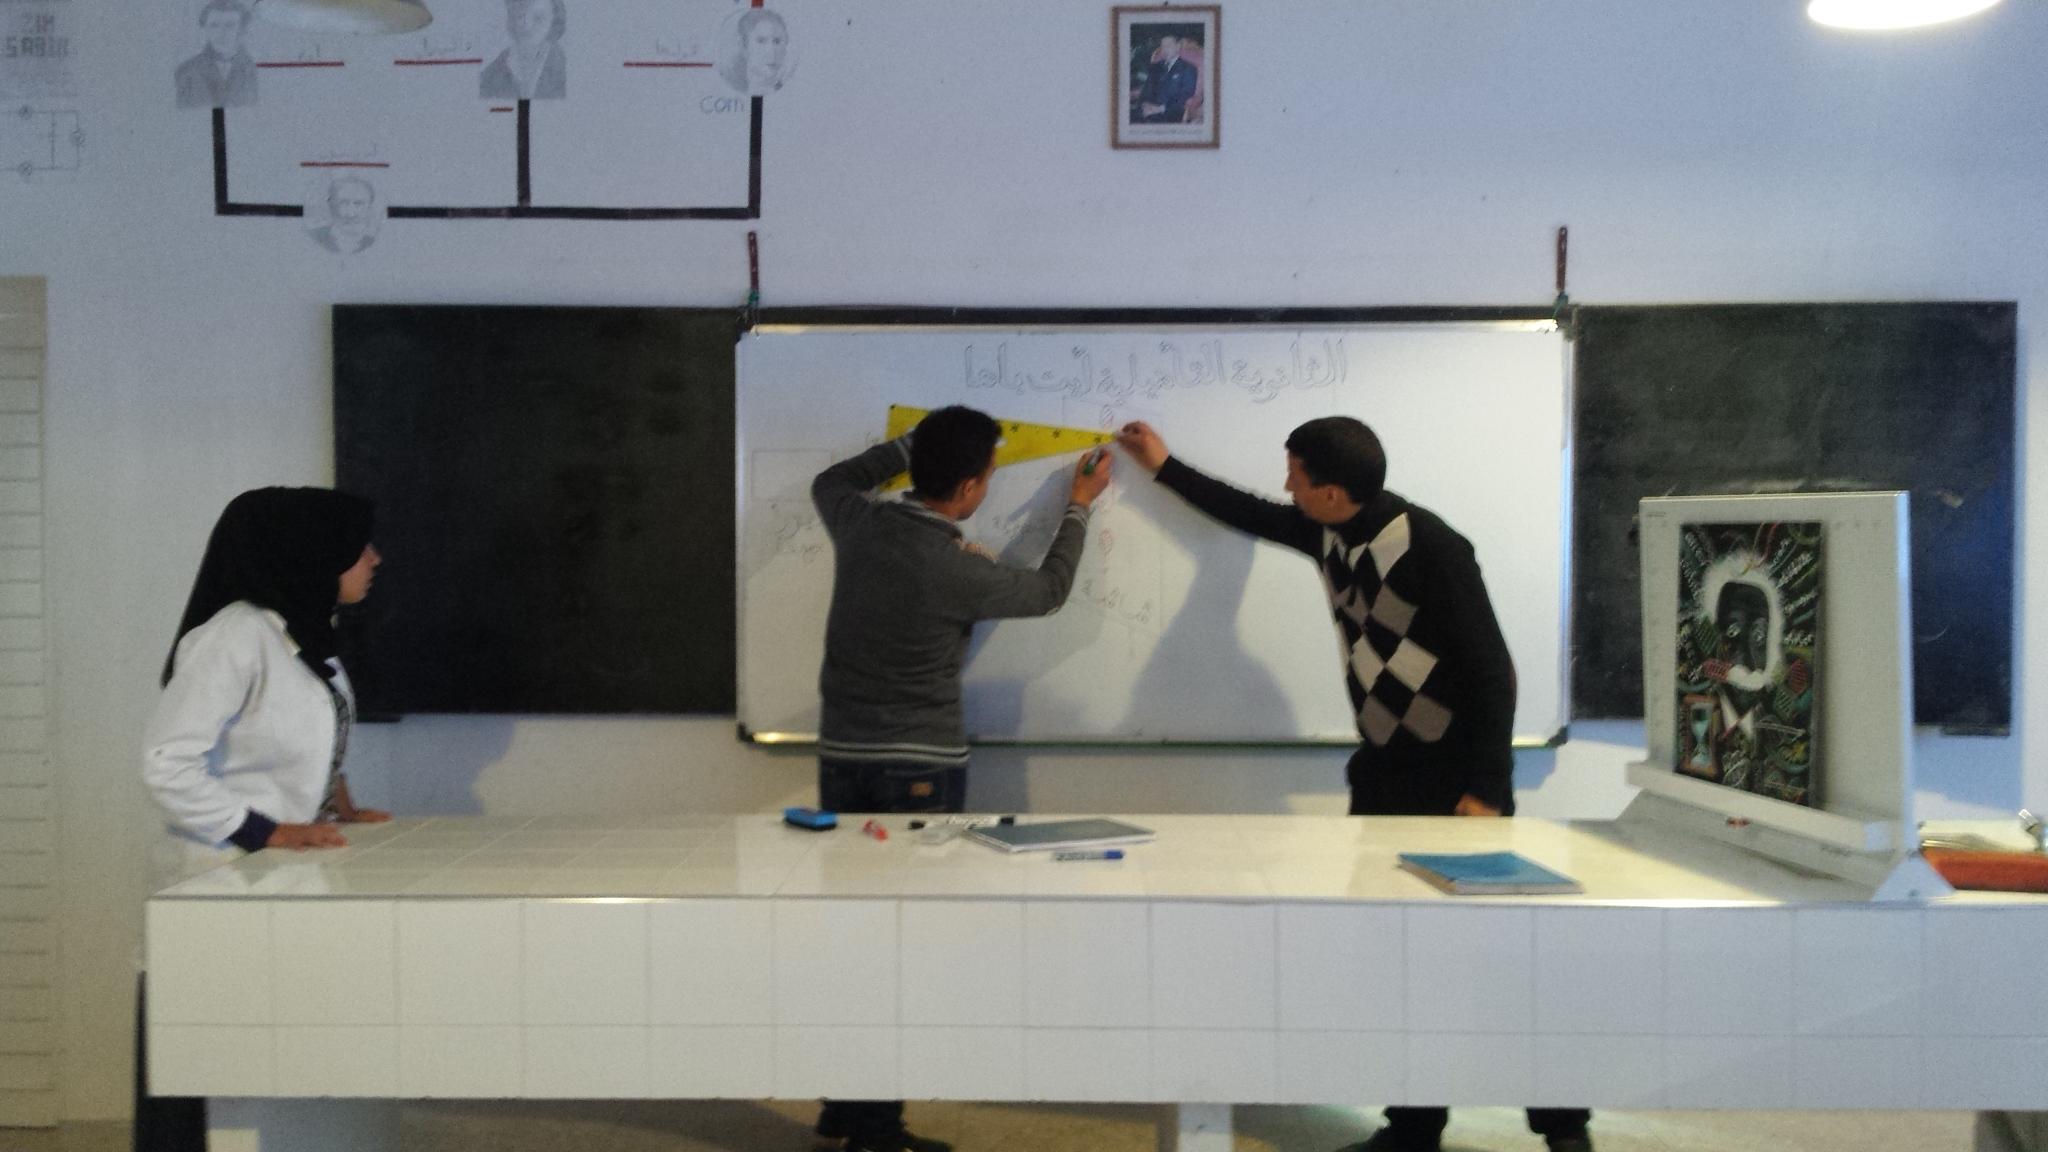 الاستاذ : رشيد جنكل رشيد رفقة التلاميذ أثناء التحضير لانجاز تجربة ظاهرة حيود الضوء chtoukaphysique